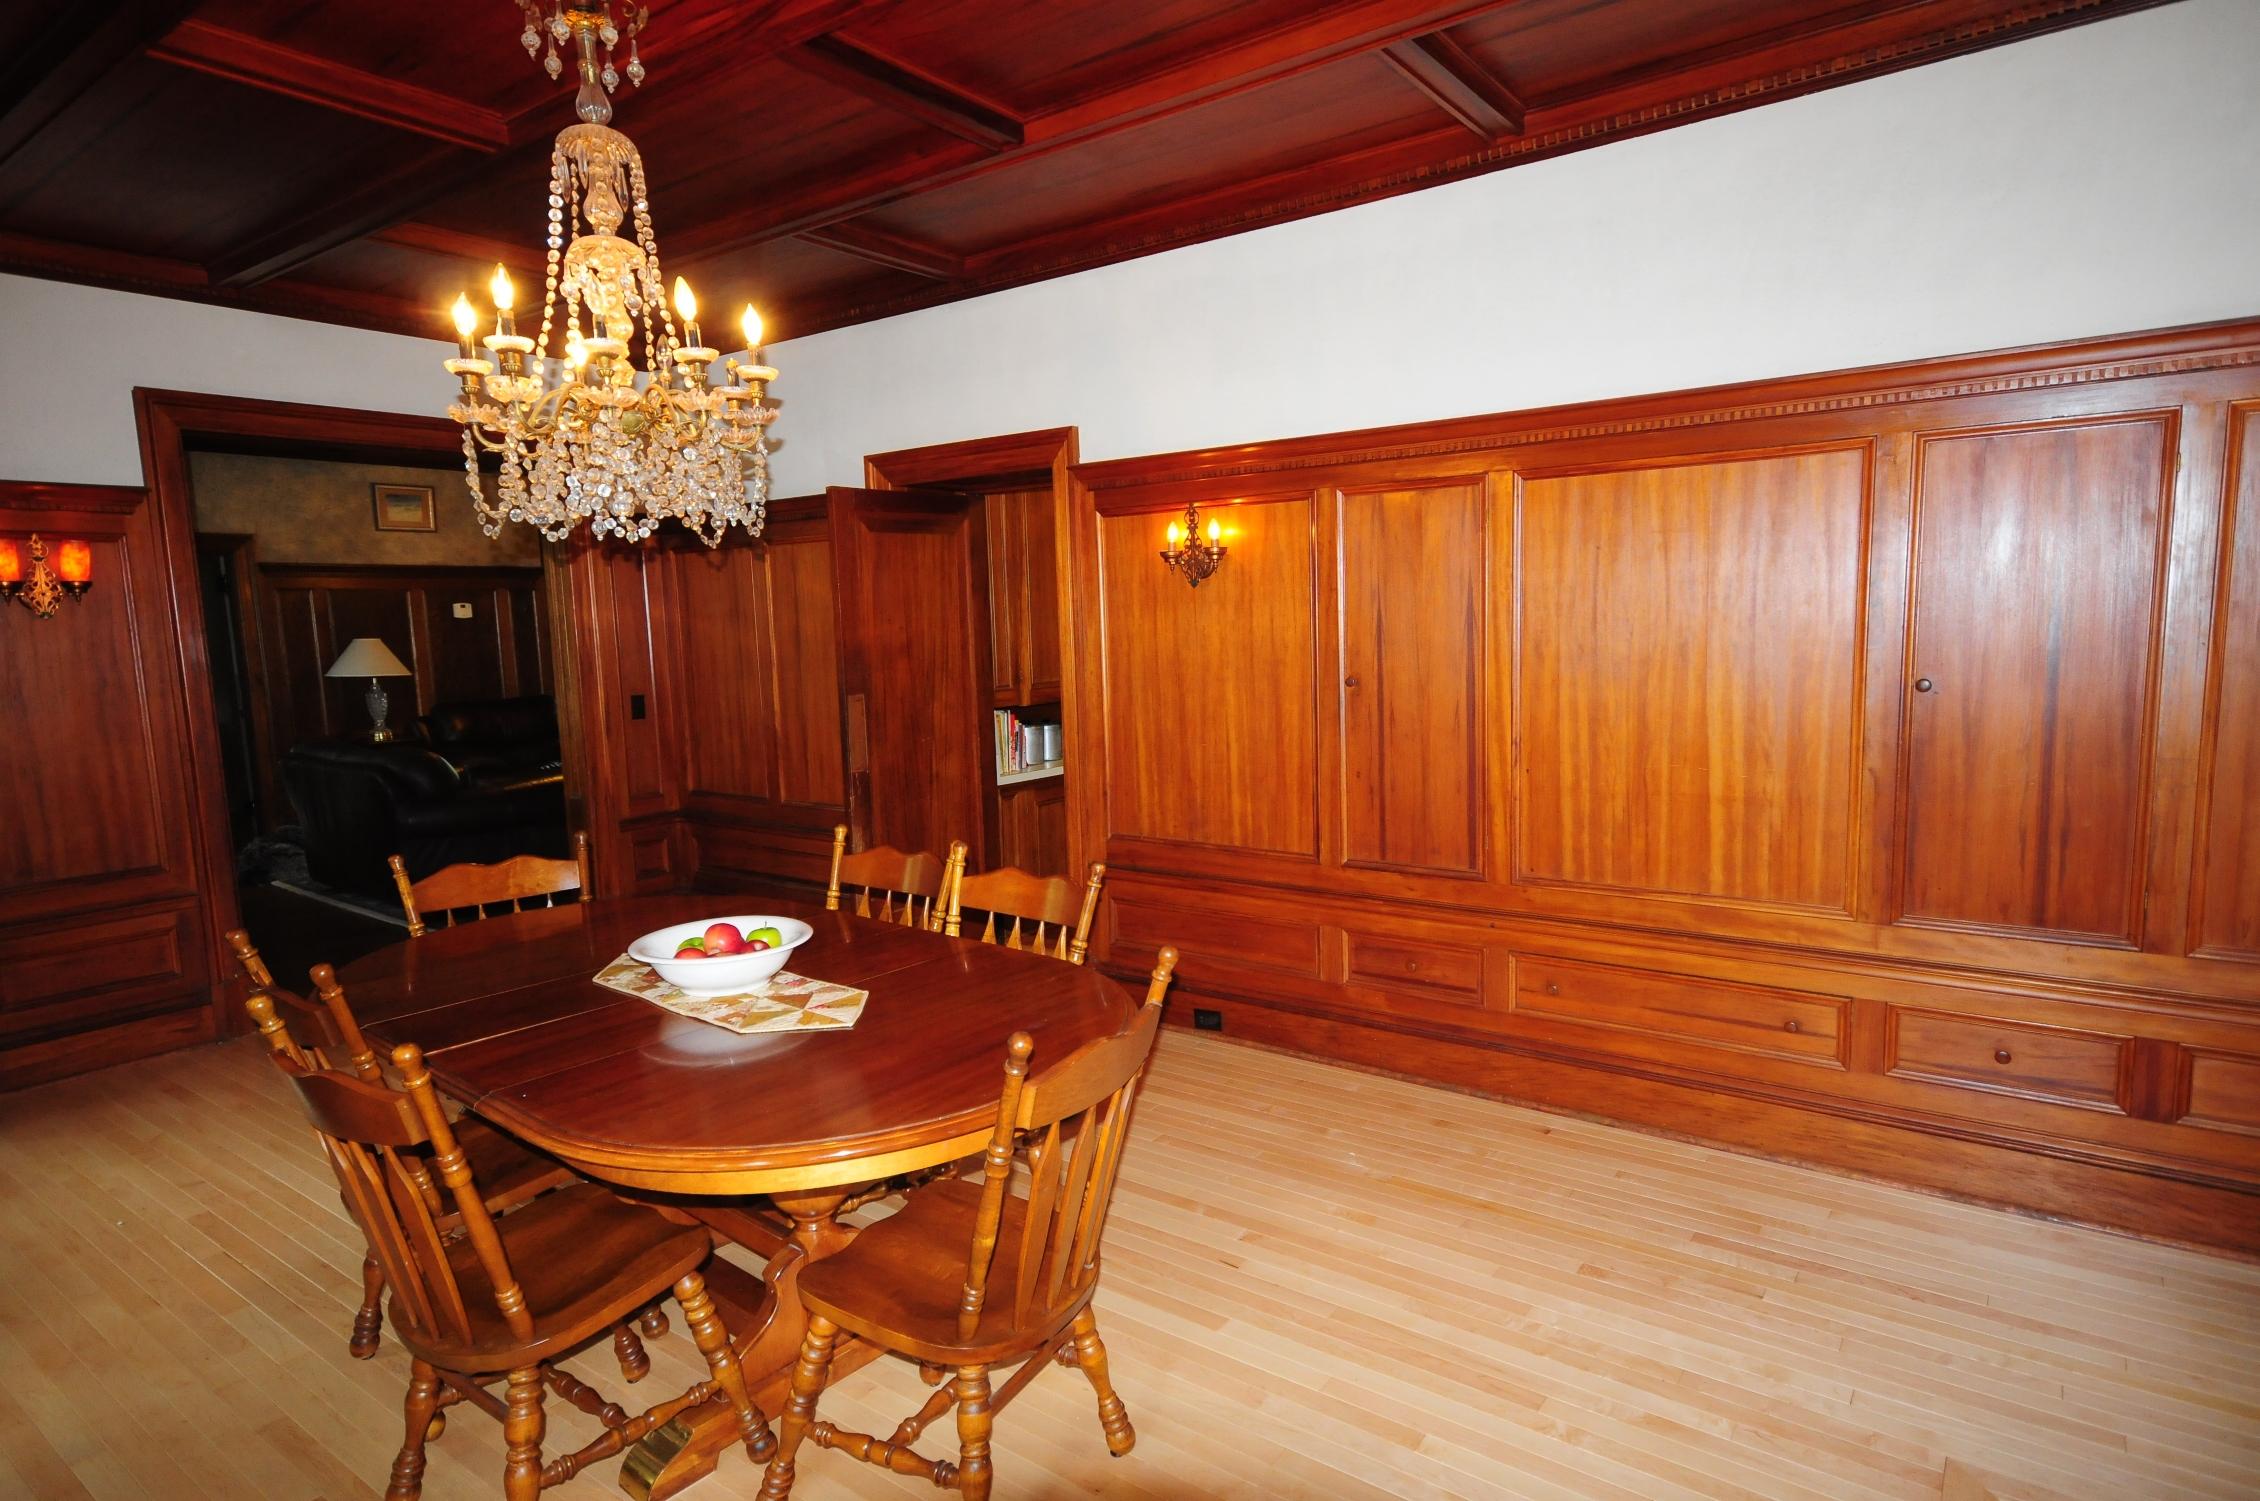 獨棟家庭住宅 為 出售 在 26 Lincoln Ave, St. Albans City St. Albans, 佛蒙特州 05478 美國